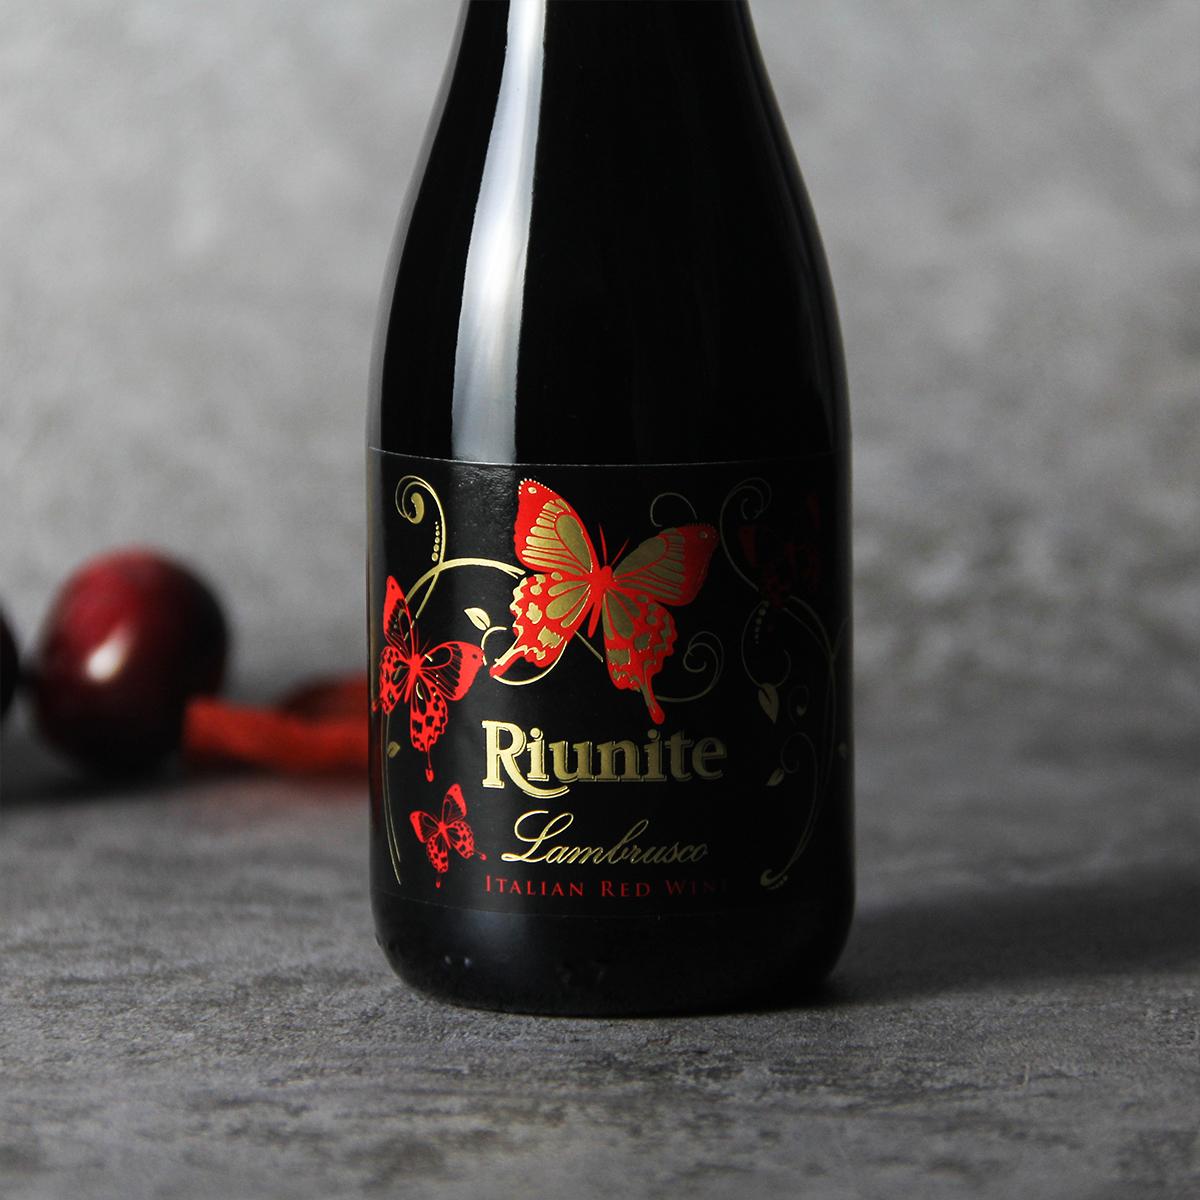 意大利艾米利亚优尼特蓝布鲁斯科低泡红葡萄酒